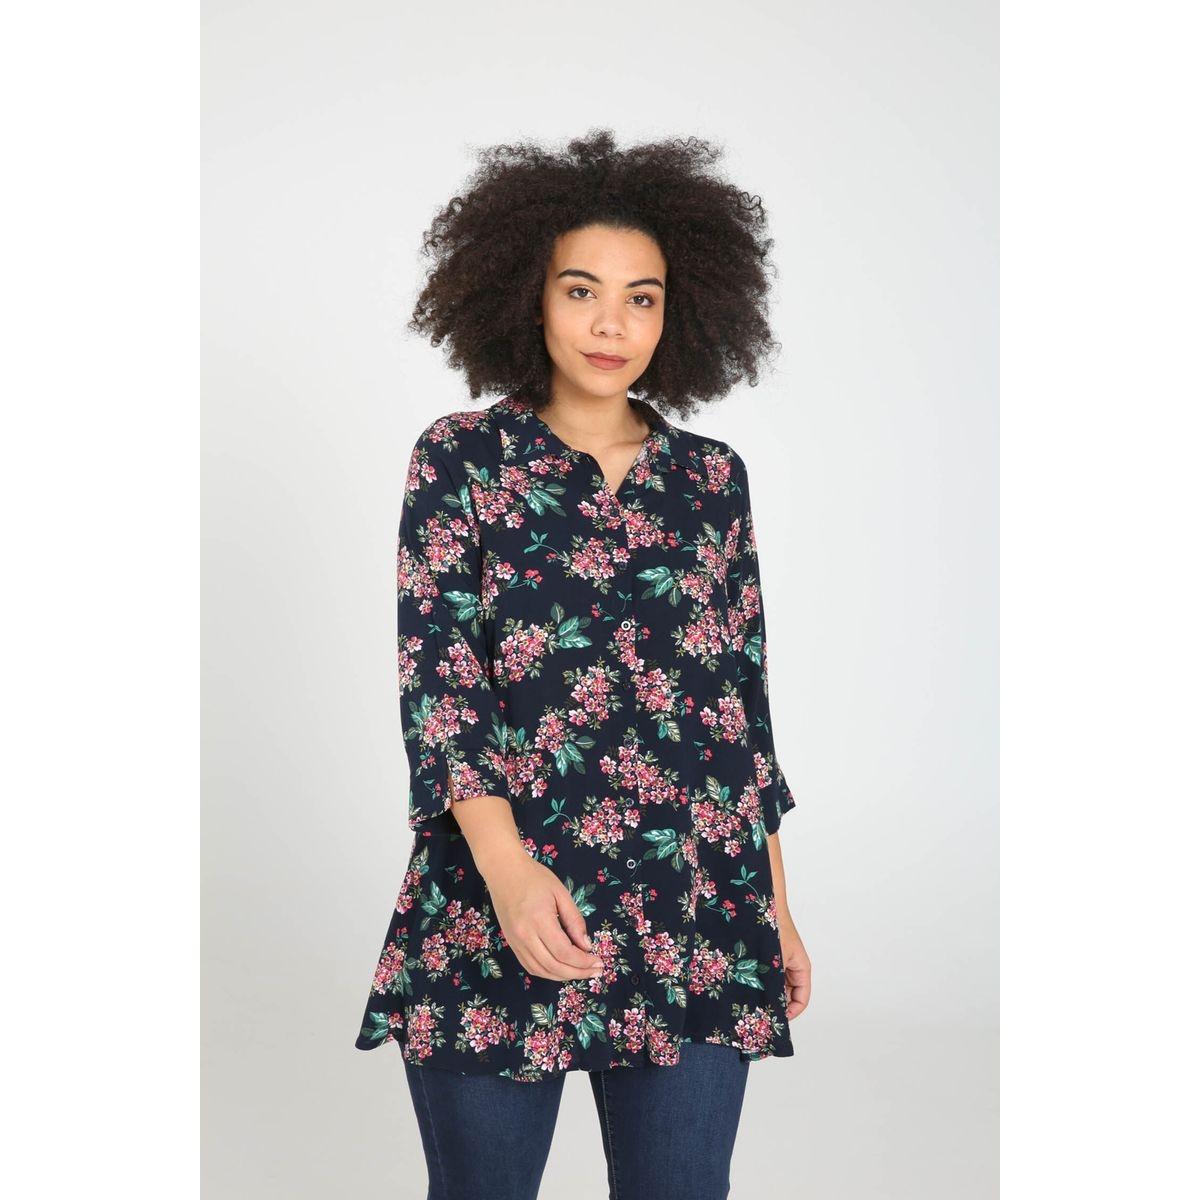 Chemise longue imprimé fleuri col polo, chemise manches 3/4